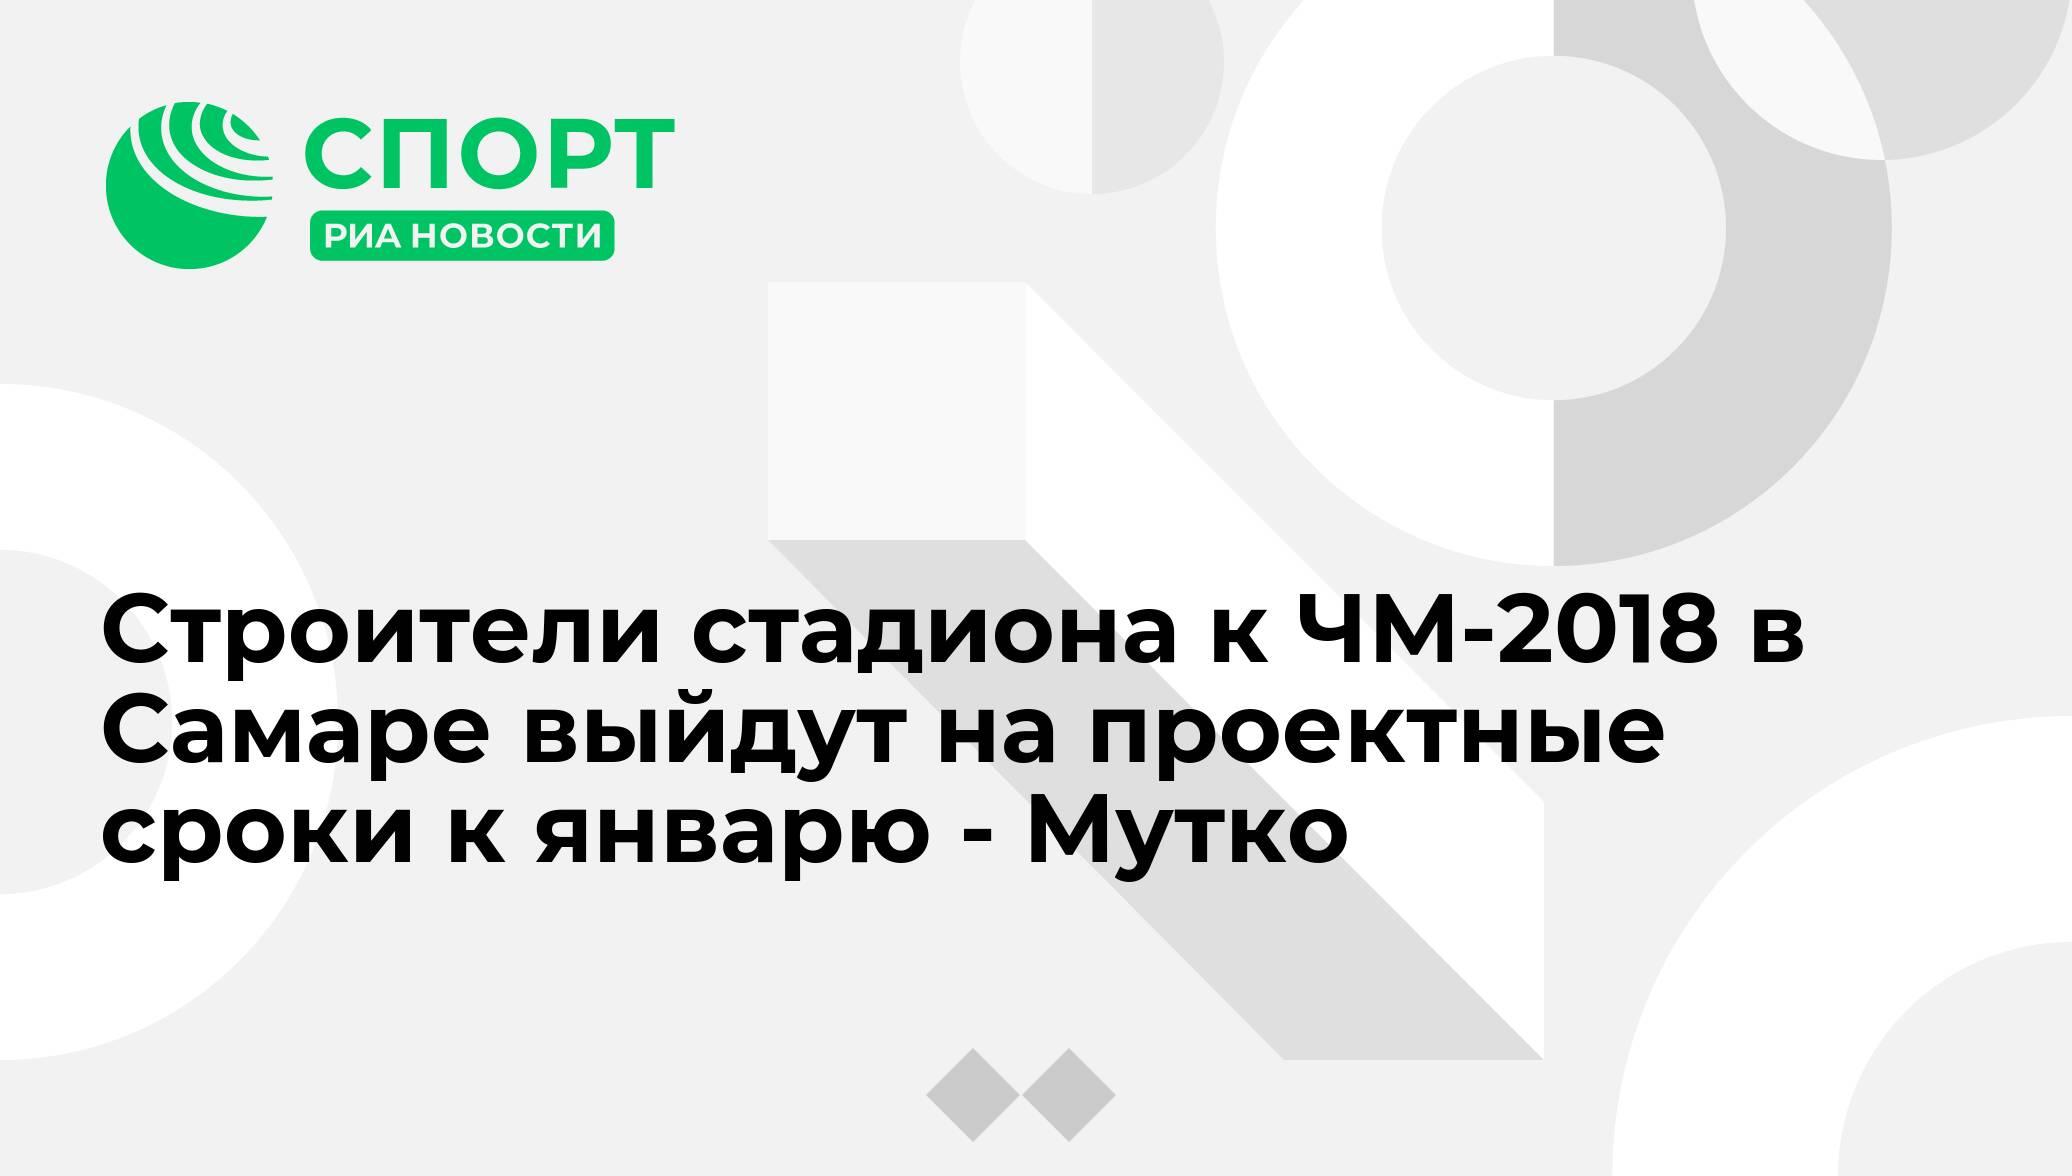 Строители стадиона к ЧМ-2018 в Самаре выйдут на проектные сроки к январю - Мутко